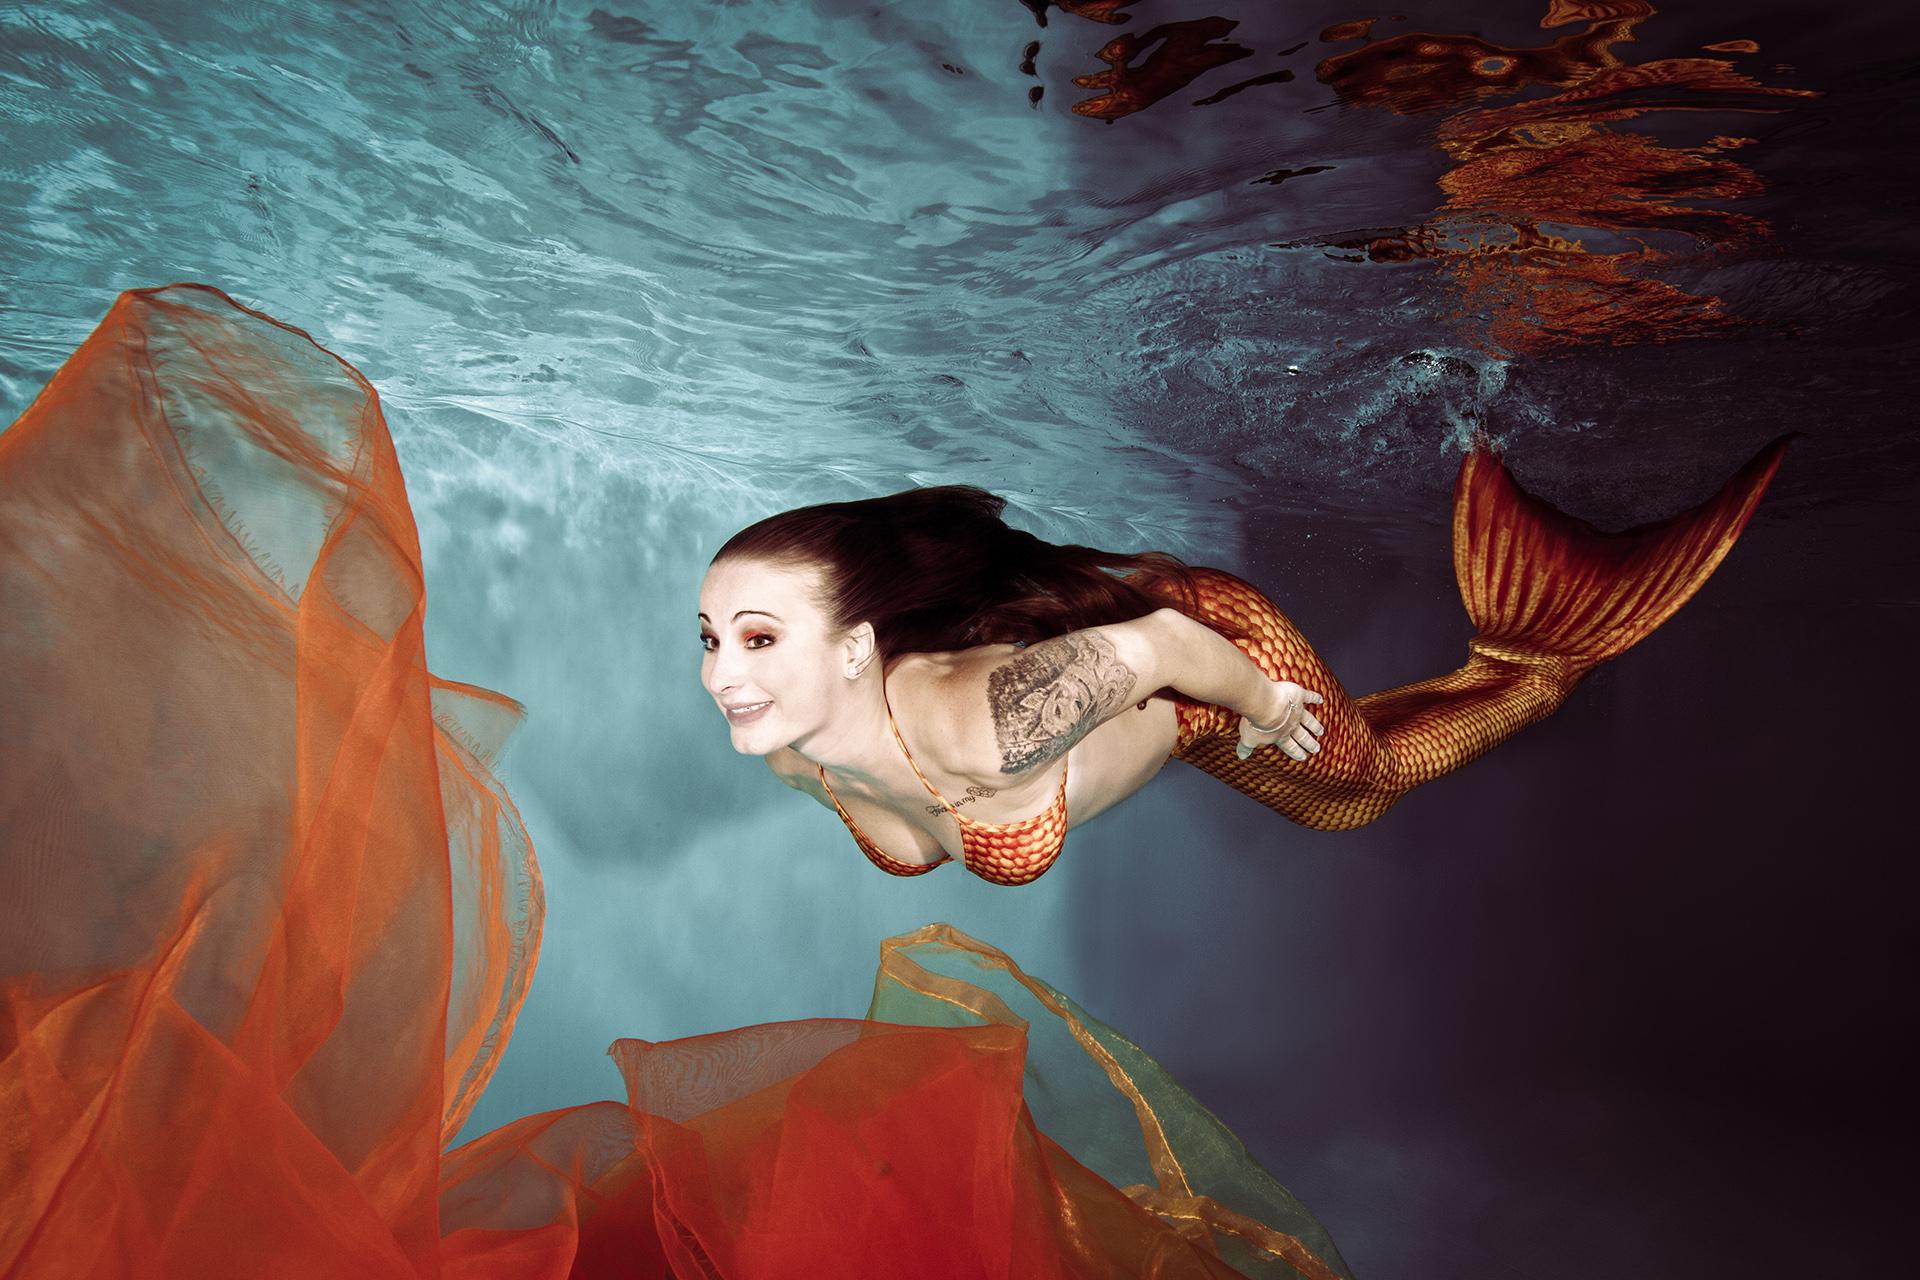 Meerjungfrauen UW-Shooting Celine